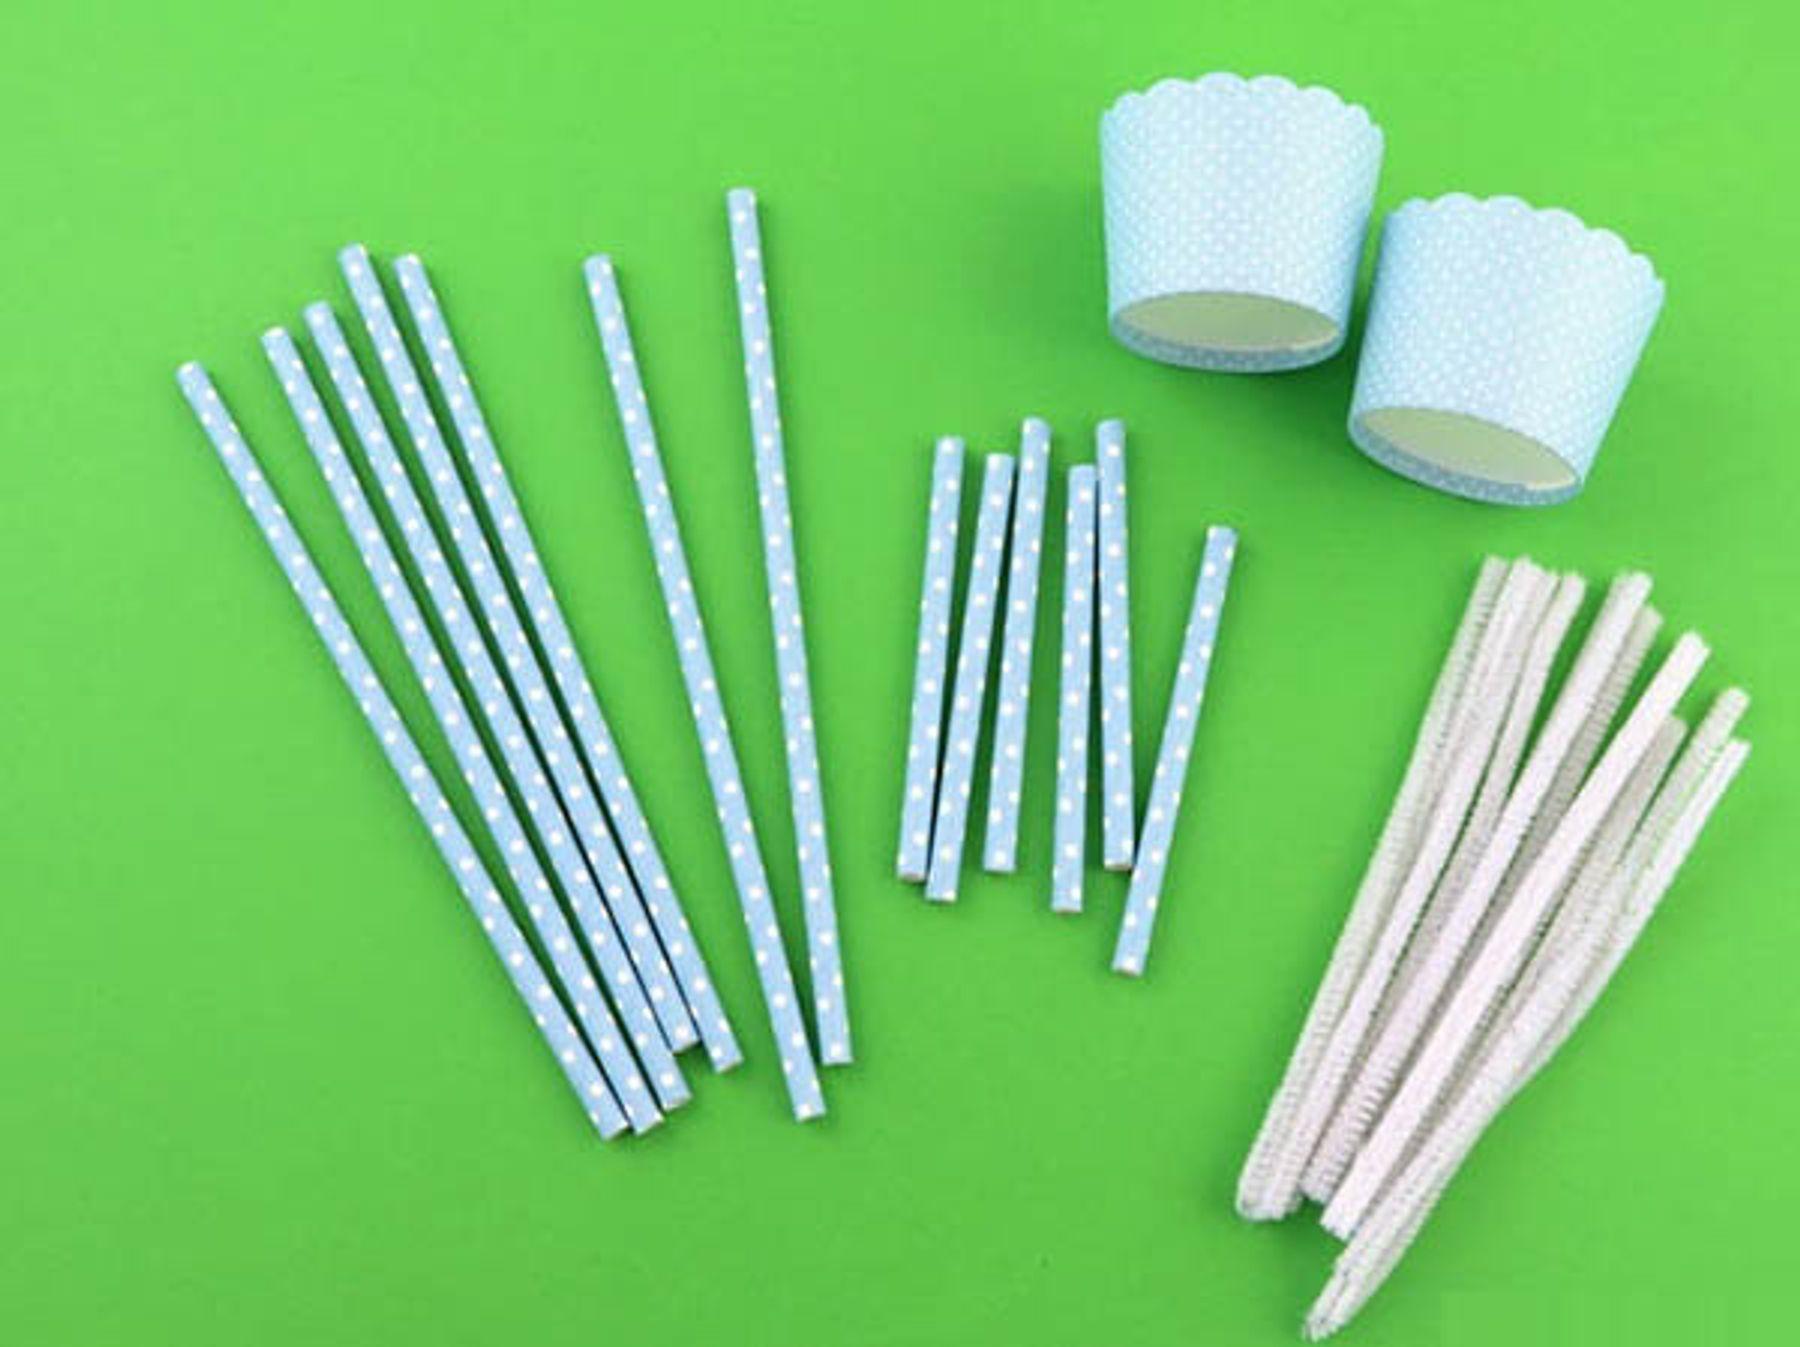 Step 7: Làm xích đu từ ống hút giấy